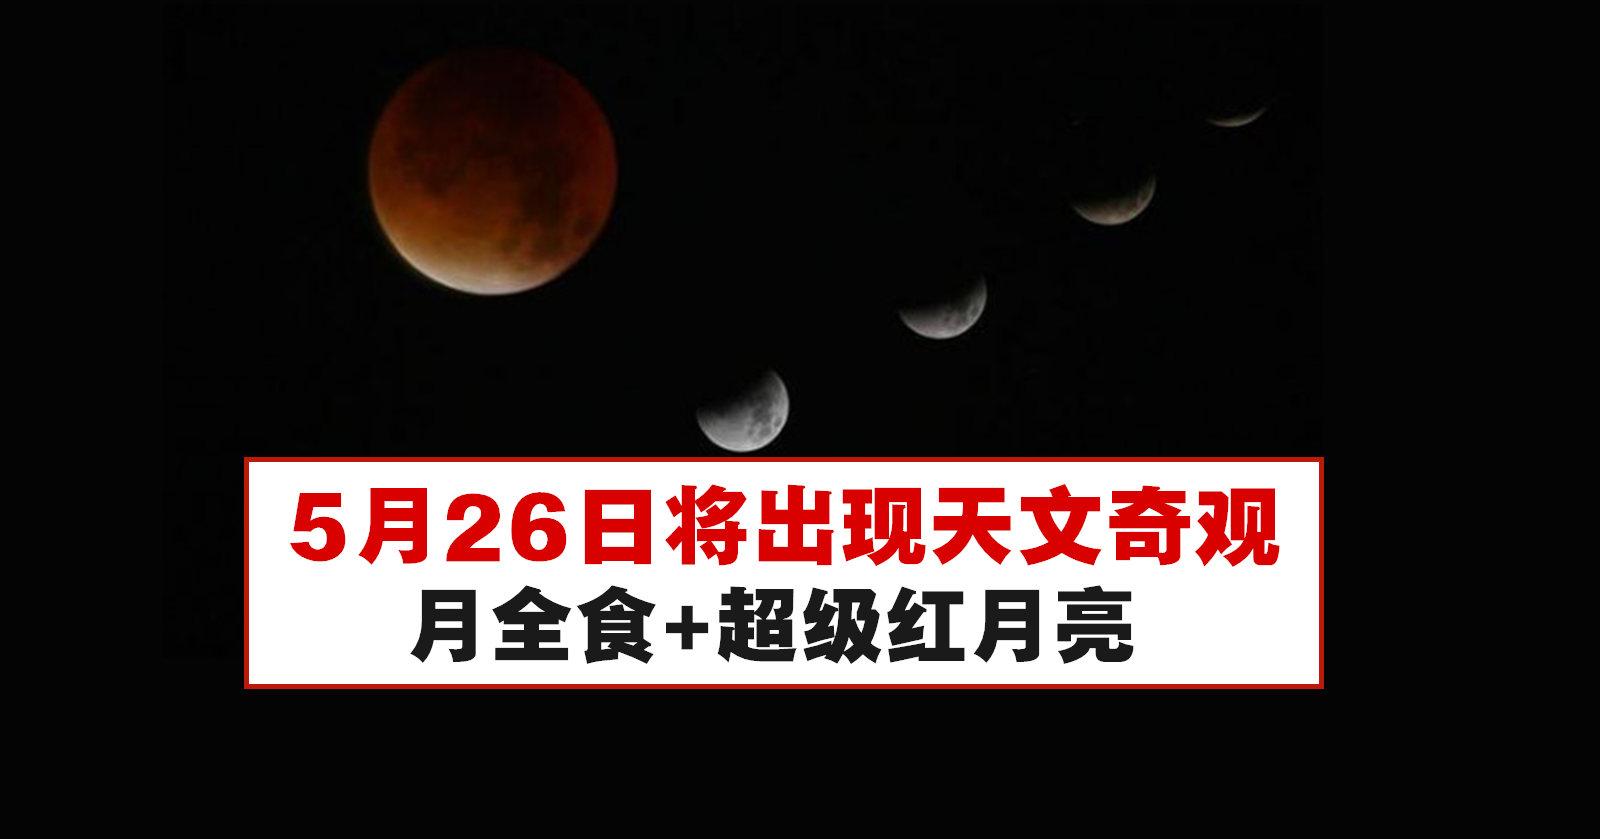 5月26日将出现月全食+超级红月亮